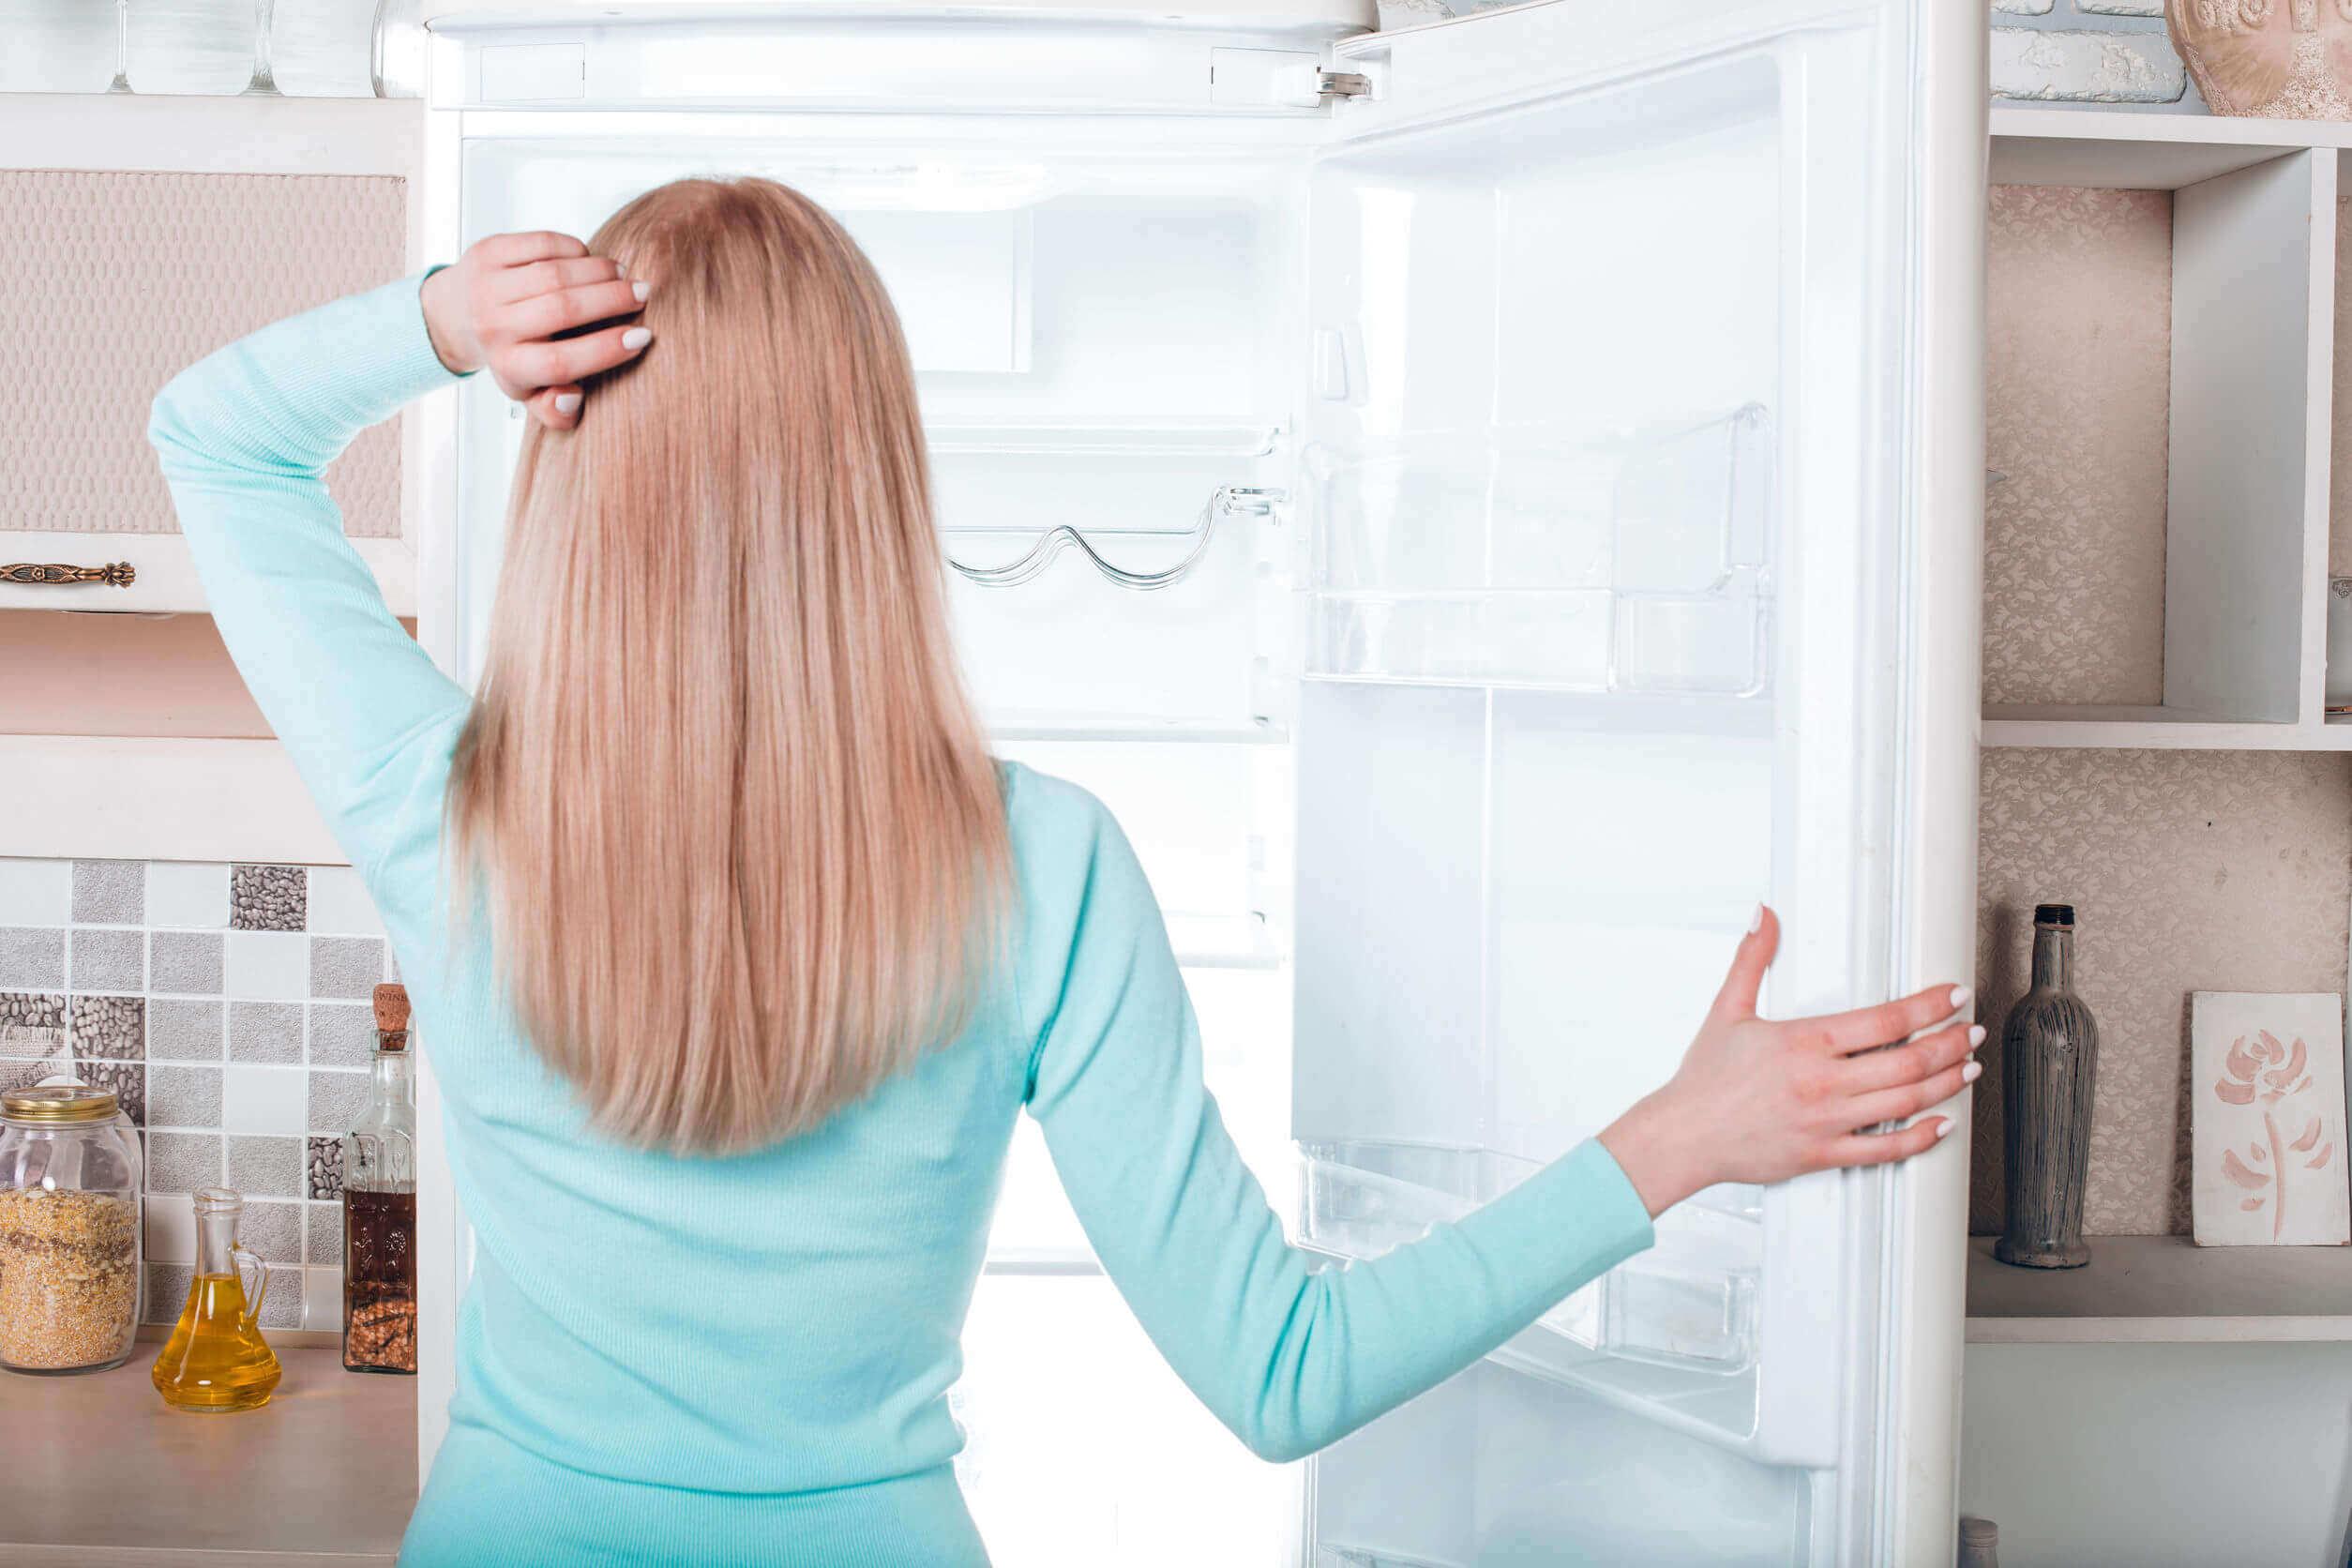 buzdolabını düzenleyen kadın